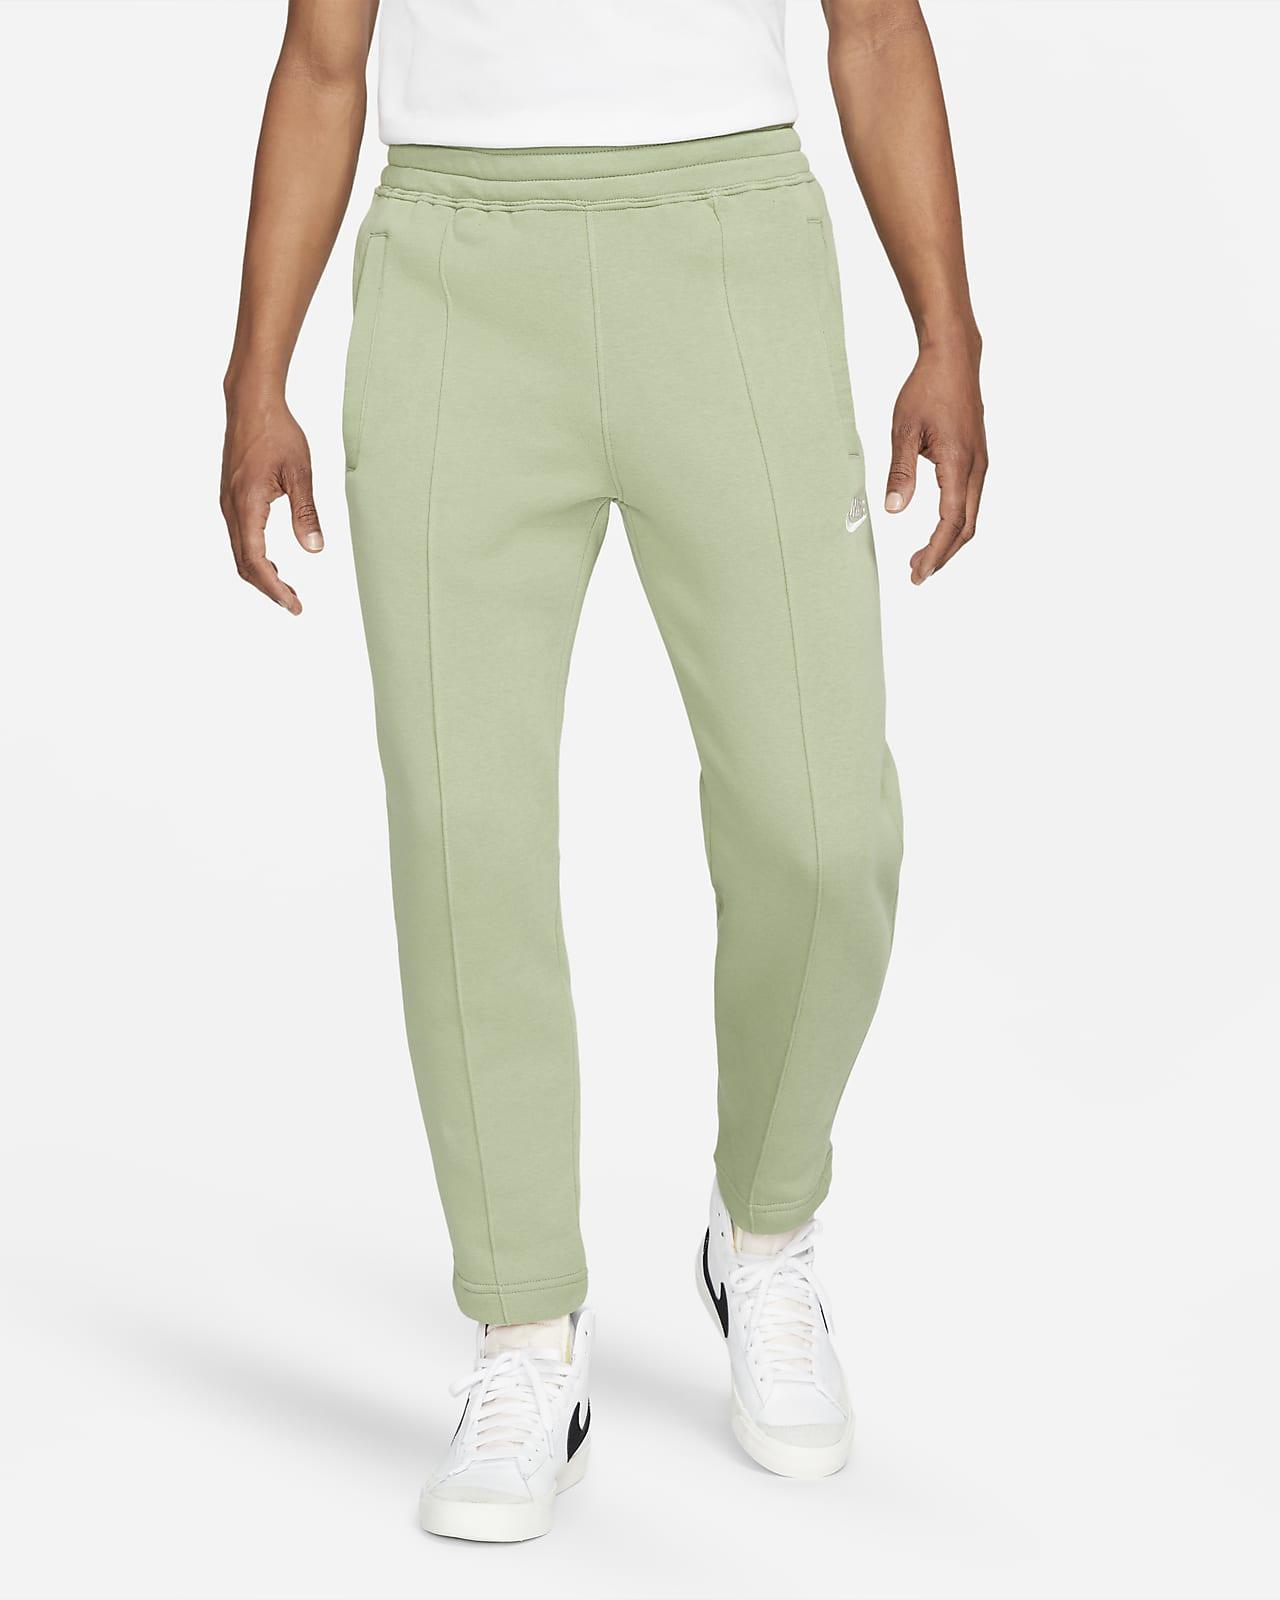 Byxor Nike Sportswear för män